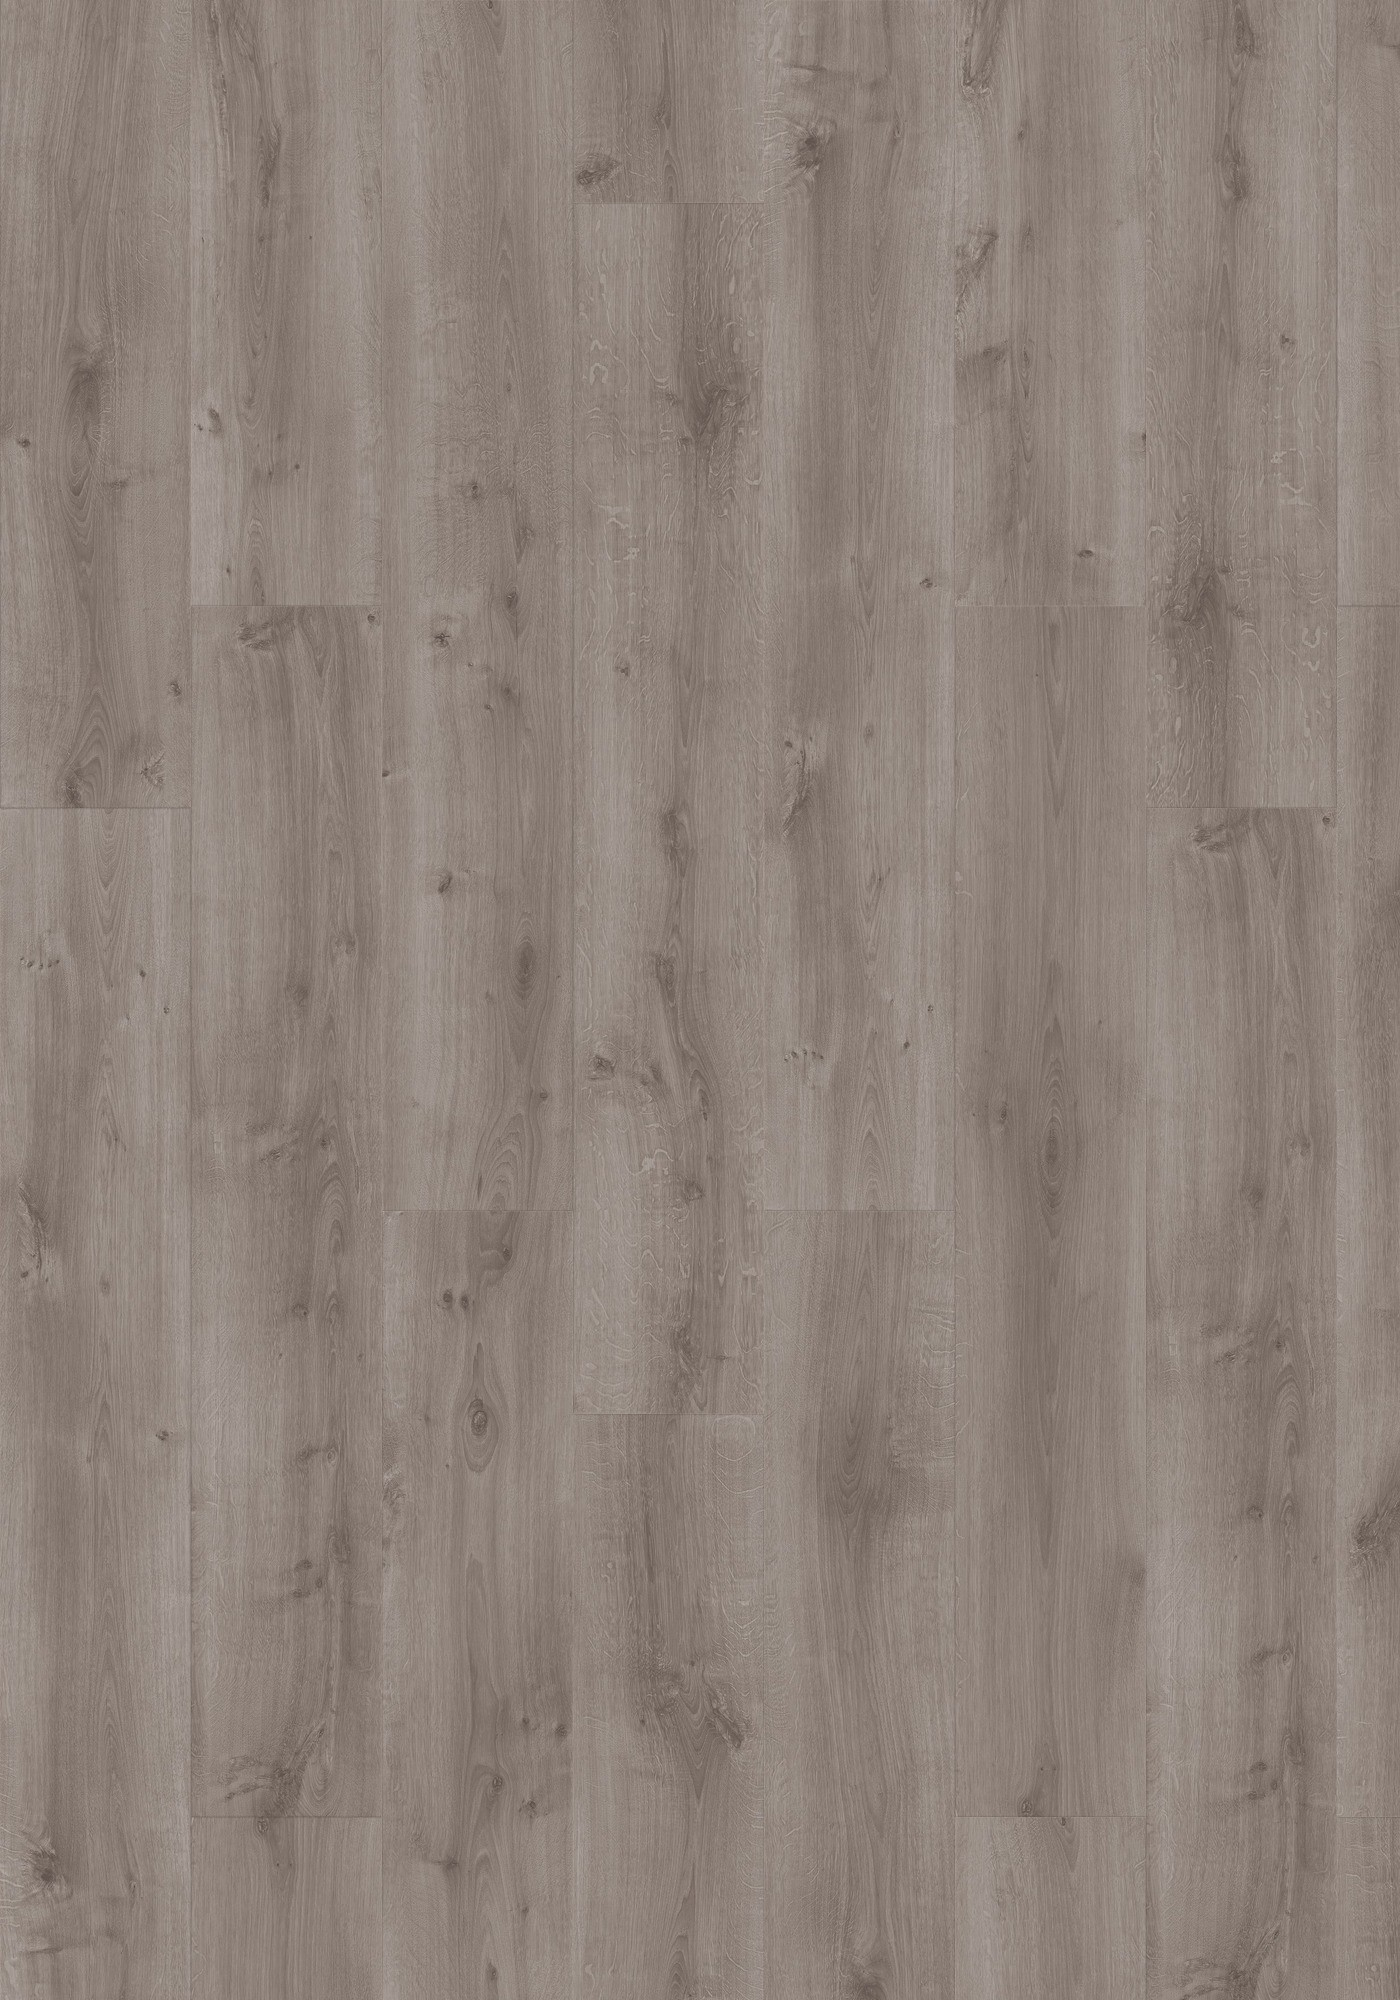 Tarkett PVC Click Vinyl Laminaat Rustic Oak Medium Grey 24264123